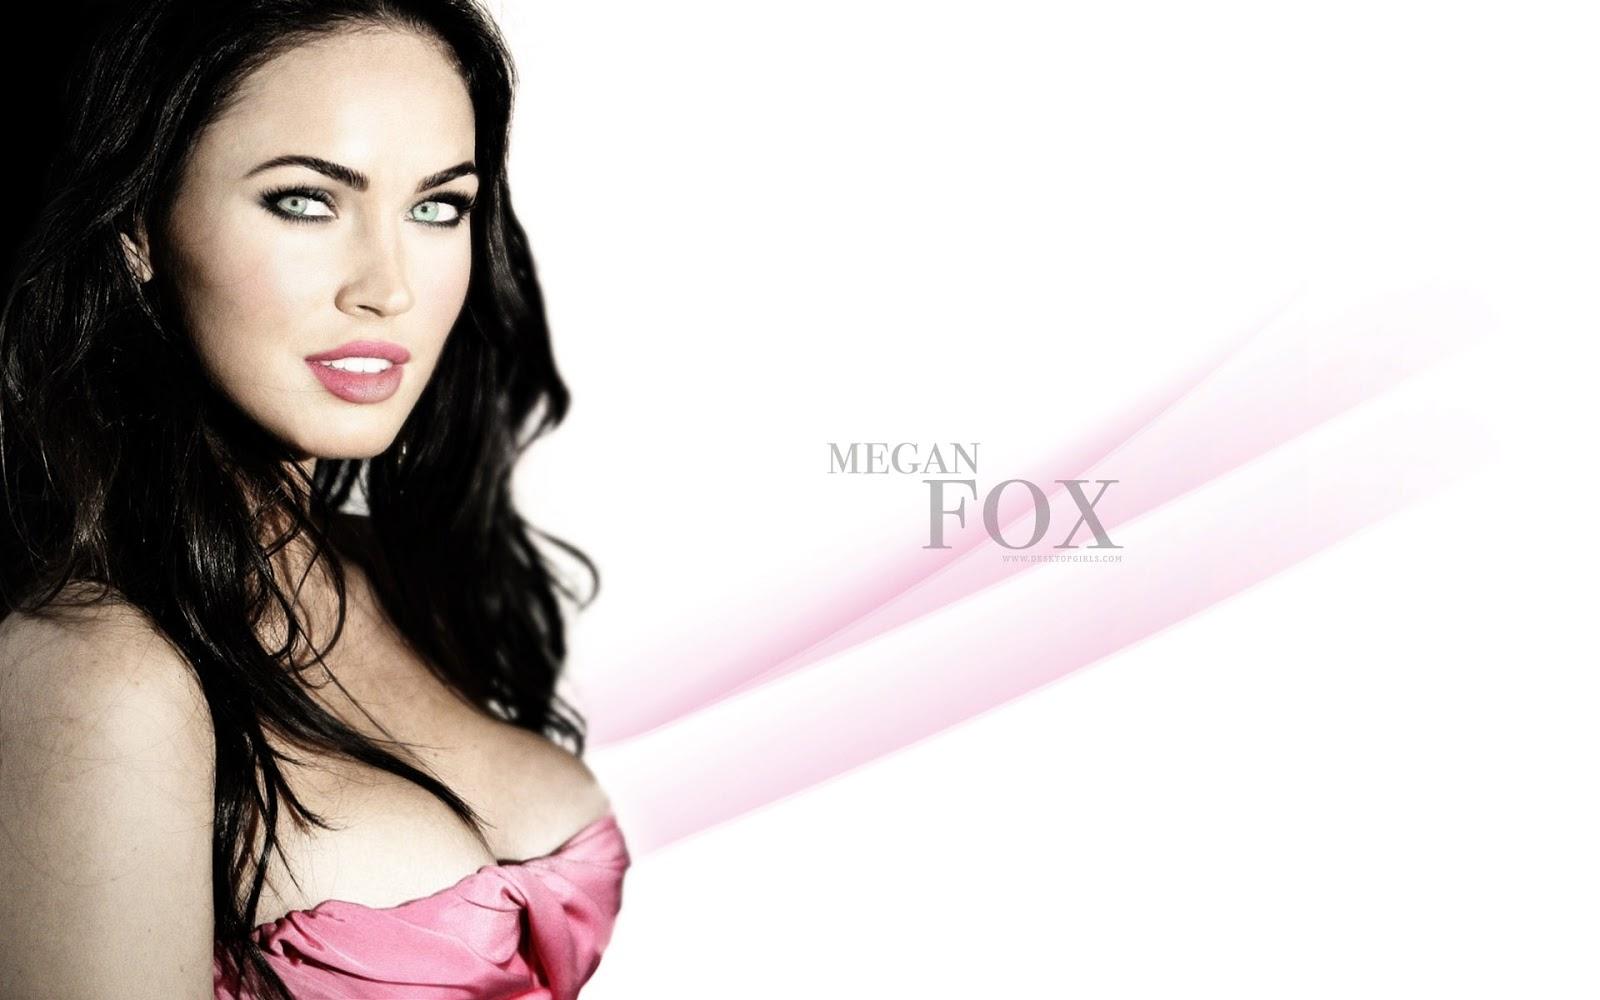 hot Megan Fox Megan Fox with out dress Megan Fox hot wallpapers 1600x1000